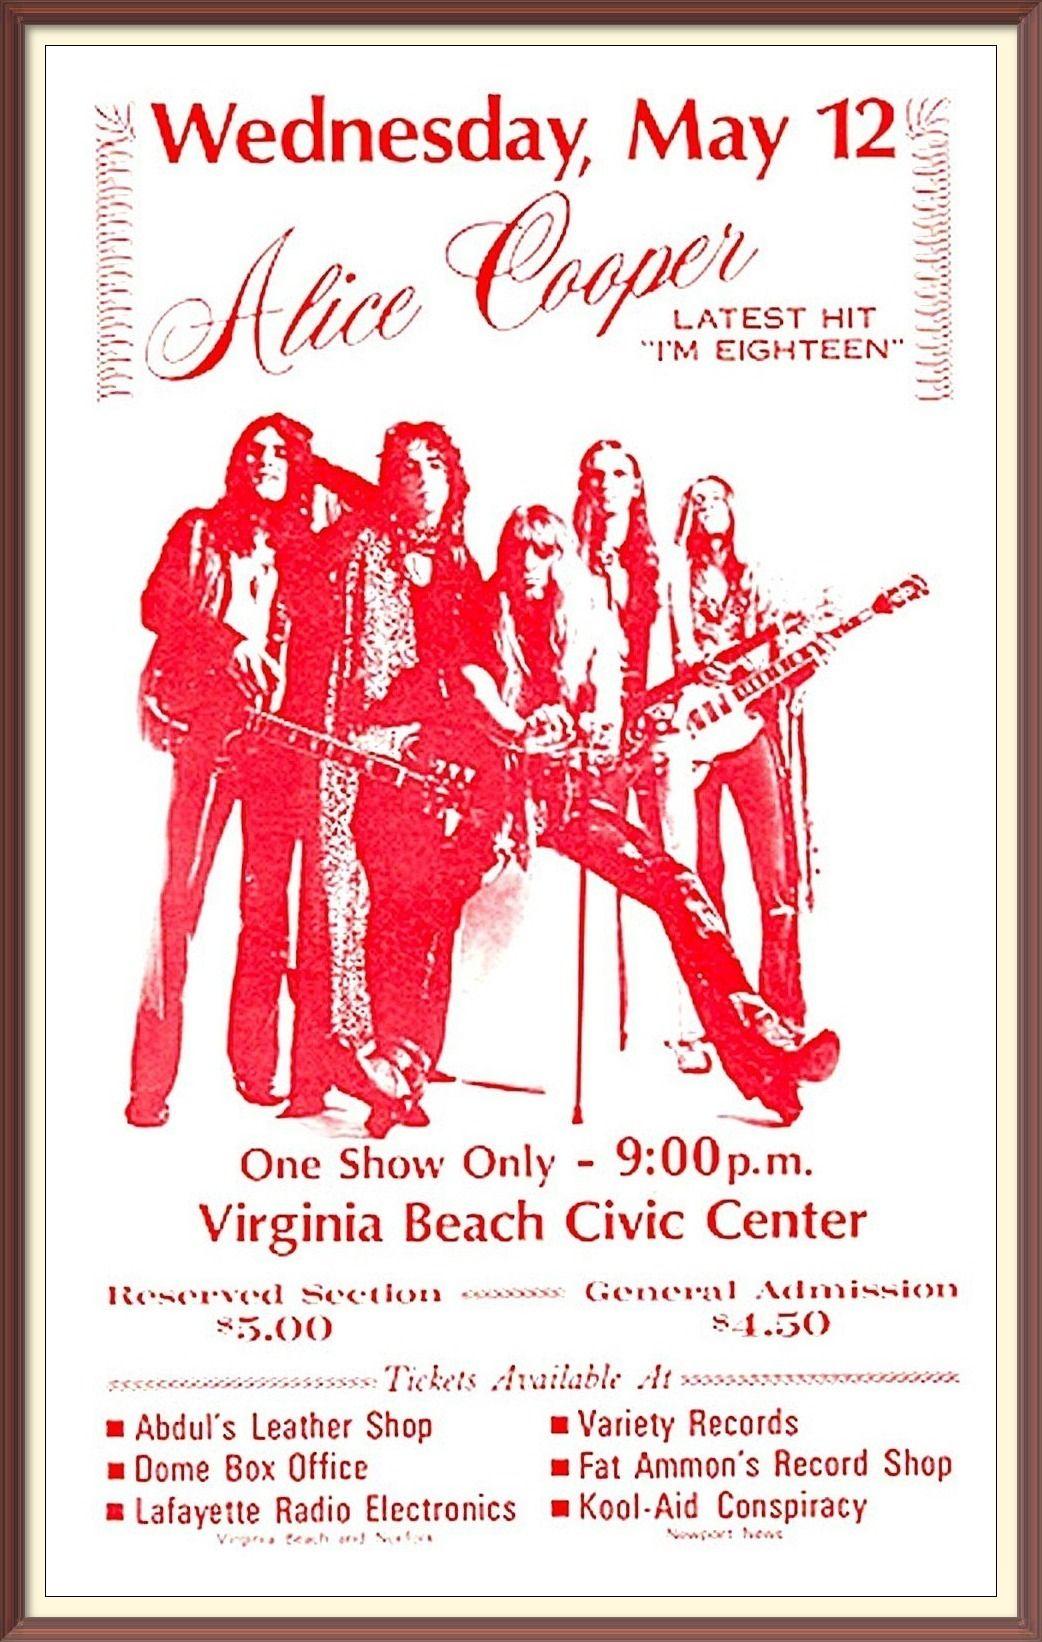 JDS-UL000419 | Rock band posters, Concert posters, Vintage ...